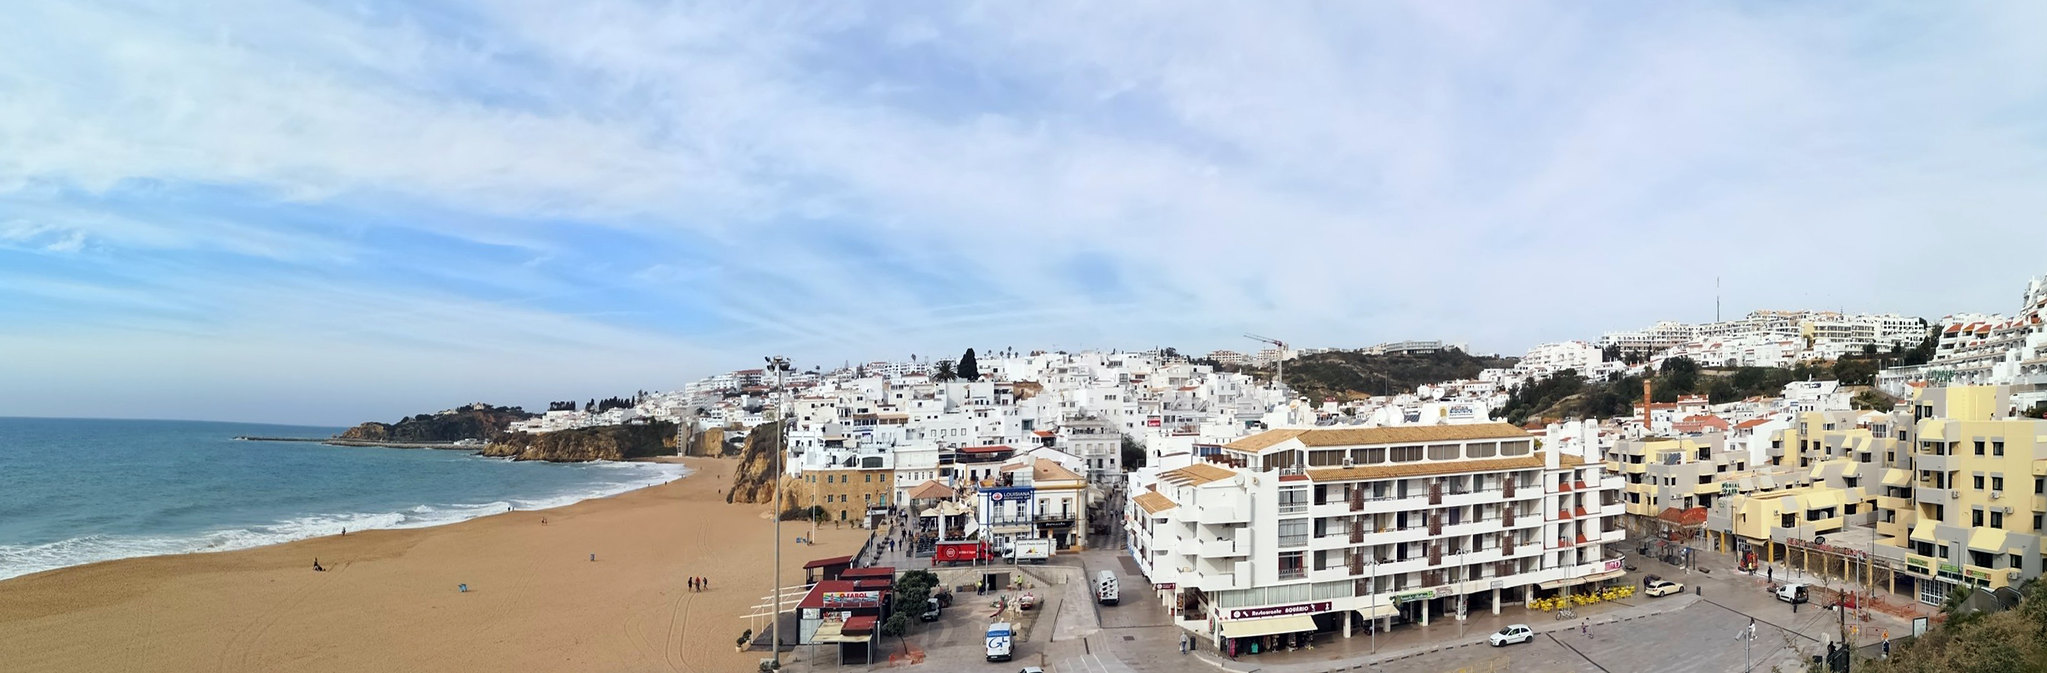 Albufeira Playa de los Pescadores Algarve Portugal panoramica